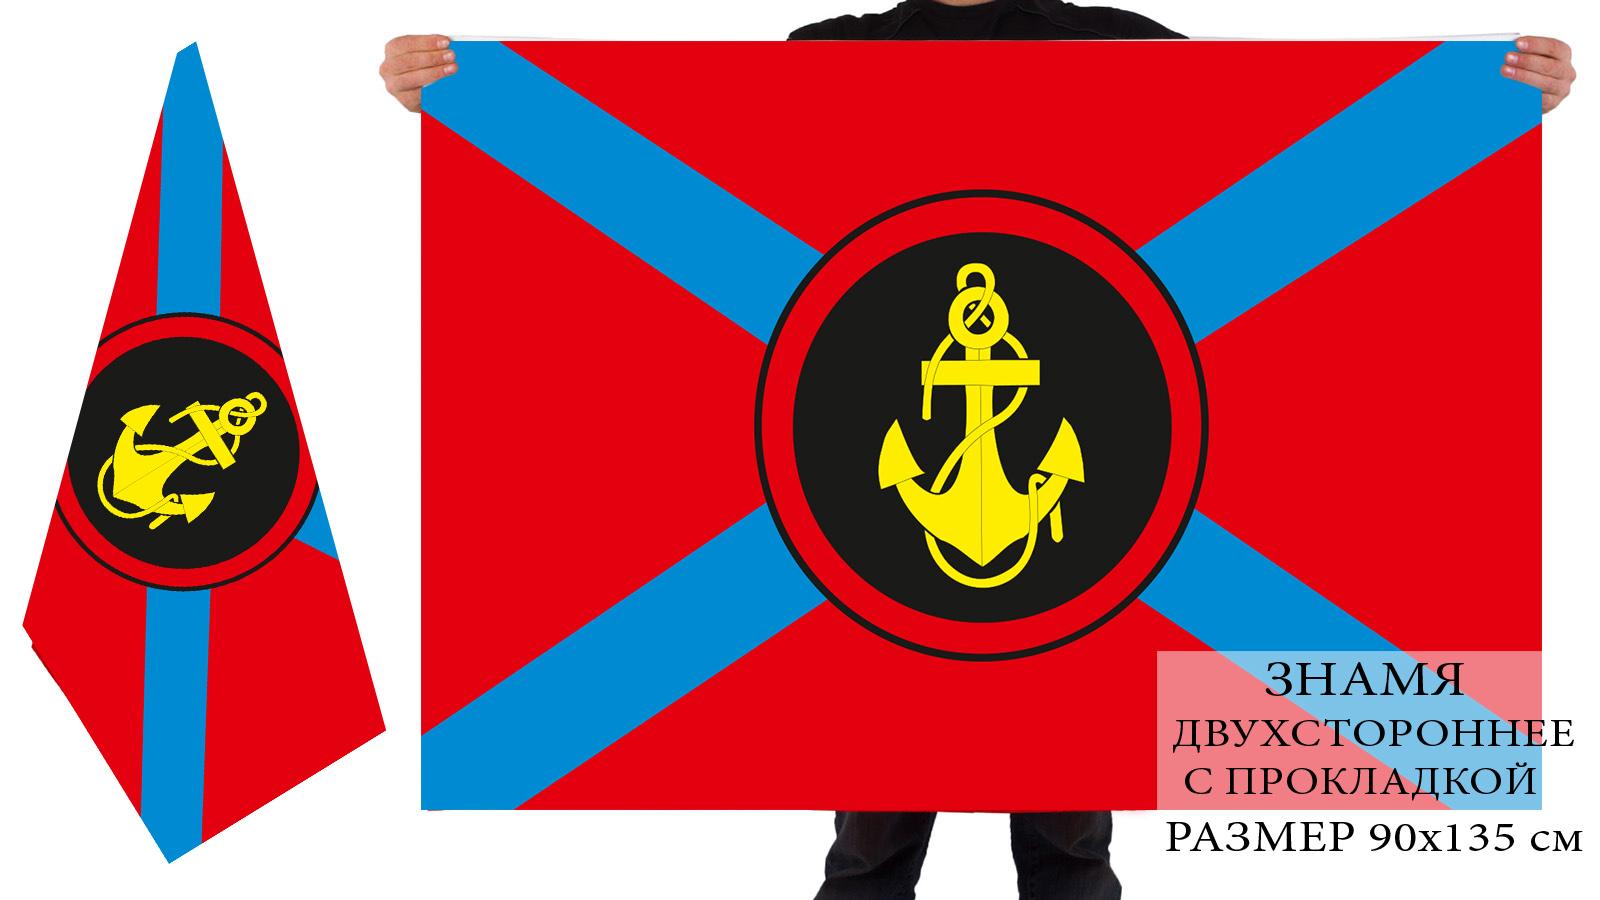 Купить с доставкой красный двусторонний флаг Морпехов